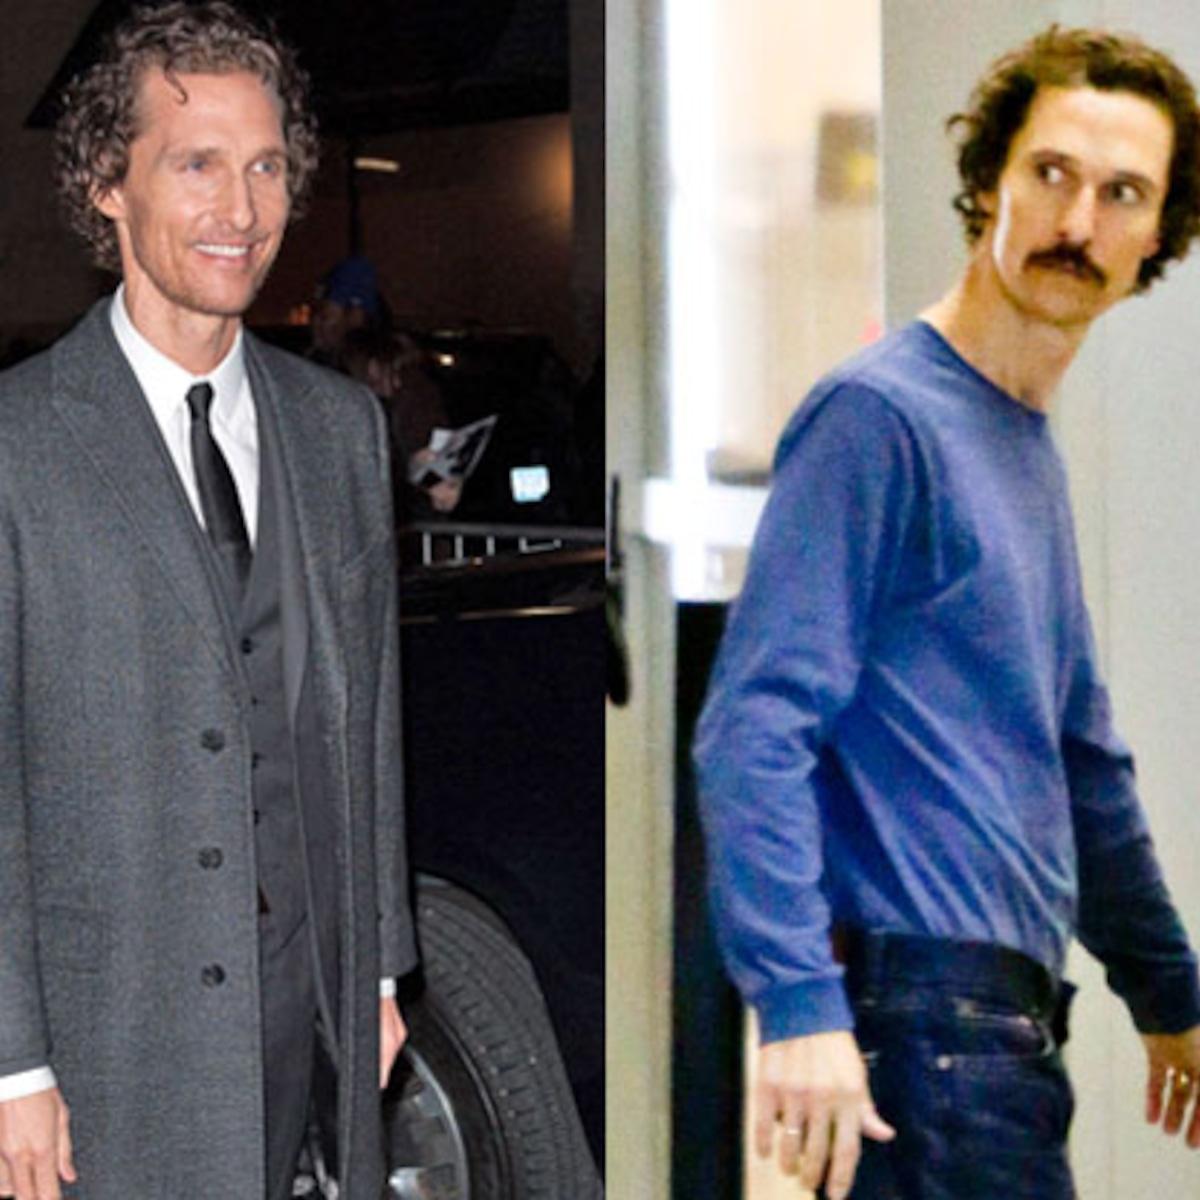 Matthew McConaughey nimmt nach extremem Gewichtsverlust 12 Kilo zu - E!  Online Deutschland